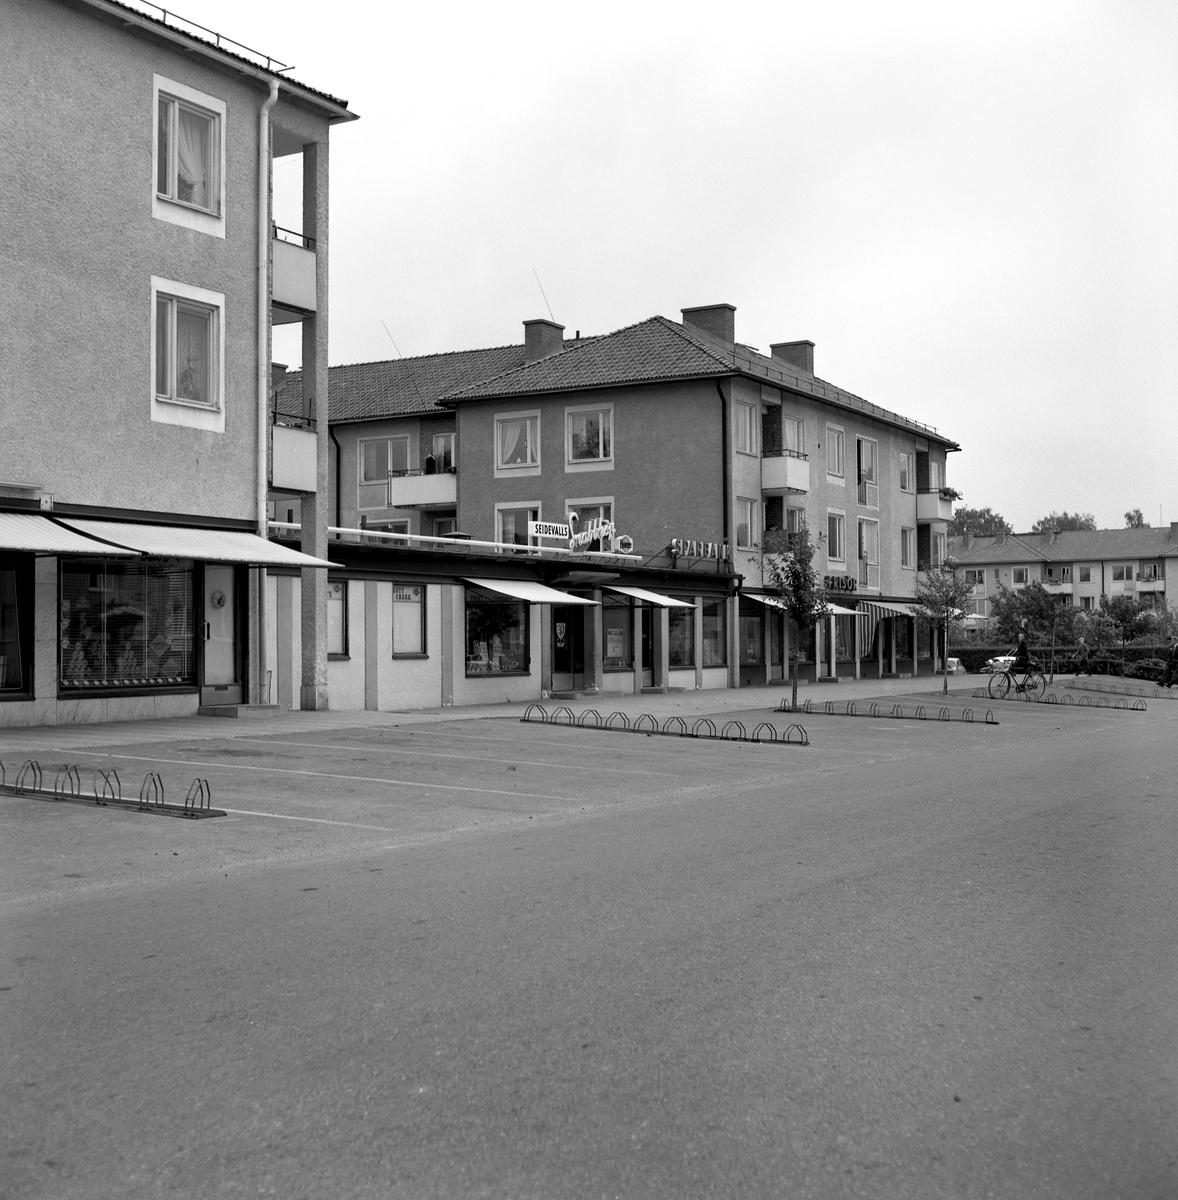 """Någonstans i Värmland - från slutet av 1950-talet. Kommentar från användare: """"Skoghalls centrum. Affärslänga Clevevägen Skoghall""""."""